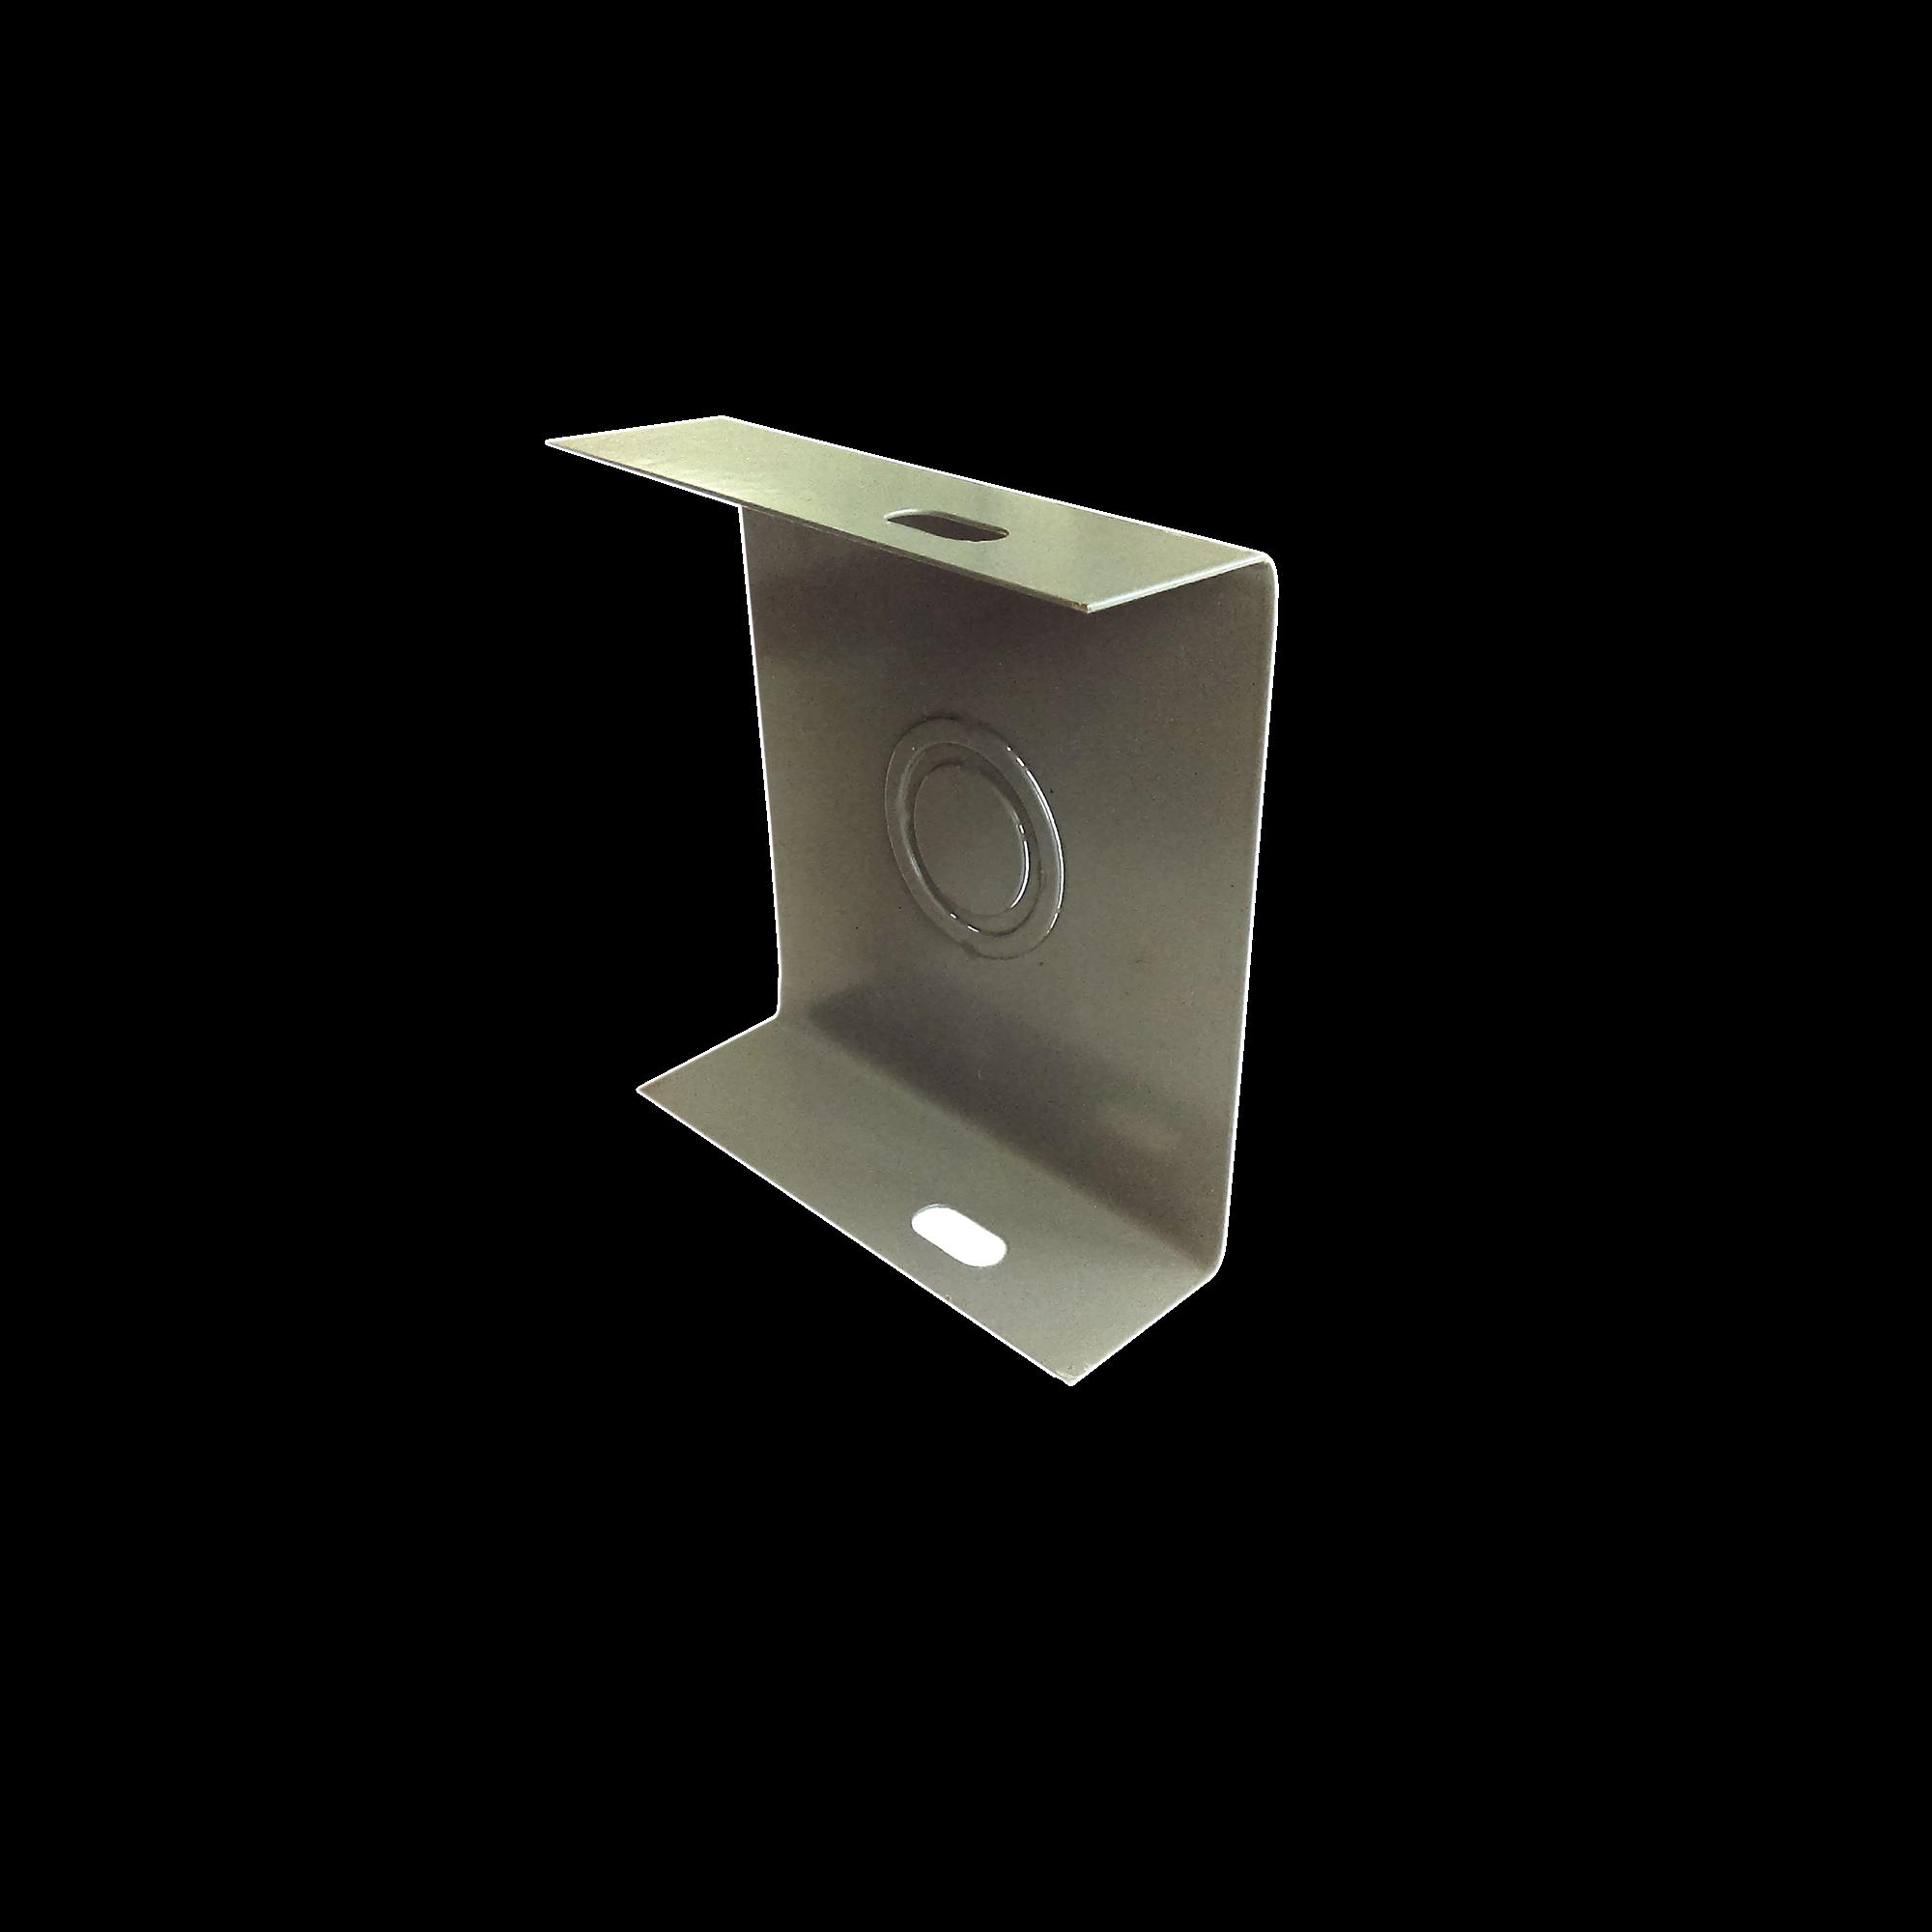 Placa cierre 100 x 100 mm, fabricado en lámina de acero al carbón